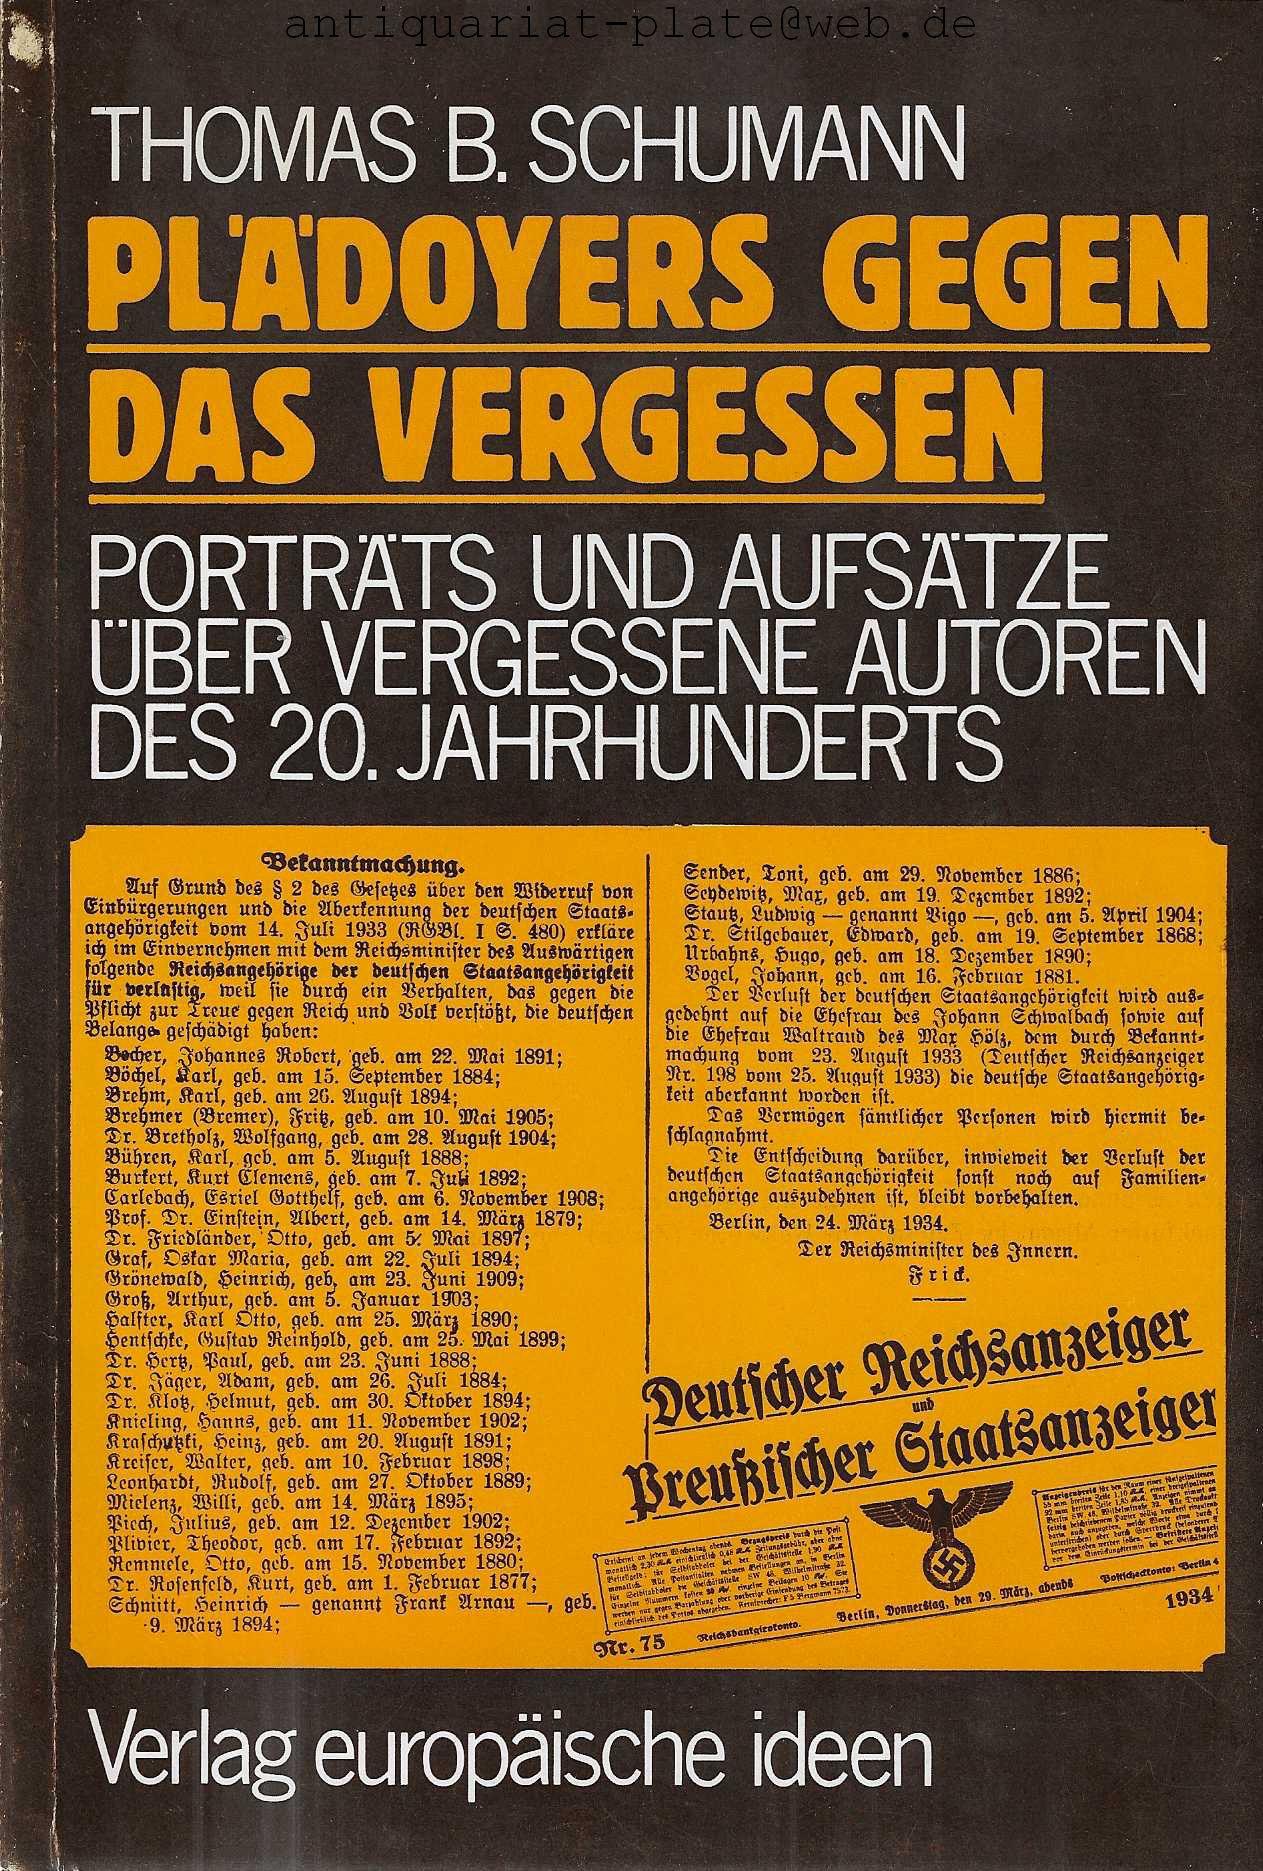 Plädoyers gegen das Vergessen. Porträts und Aufsätze über vergessene Autoren des 20. Jahrhunderts. Hinweise zu einer alternativen Literaturgeschichte. - Schumann, Thomas B.